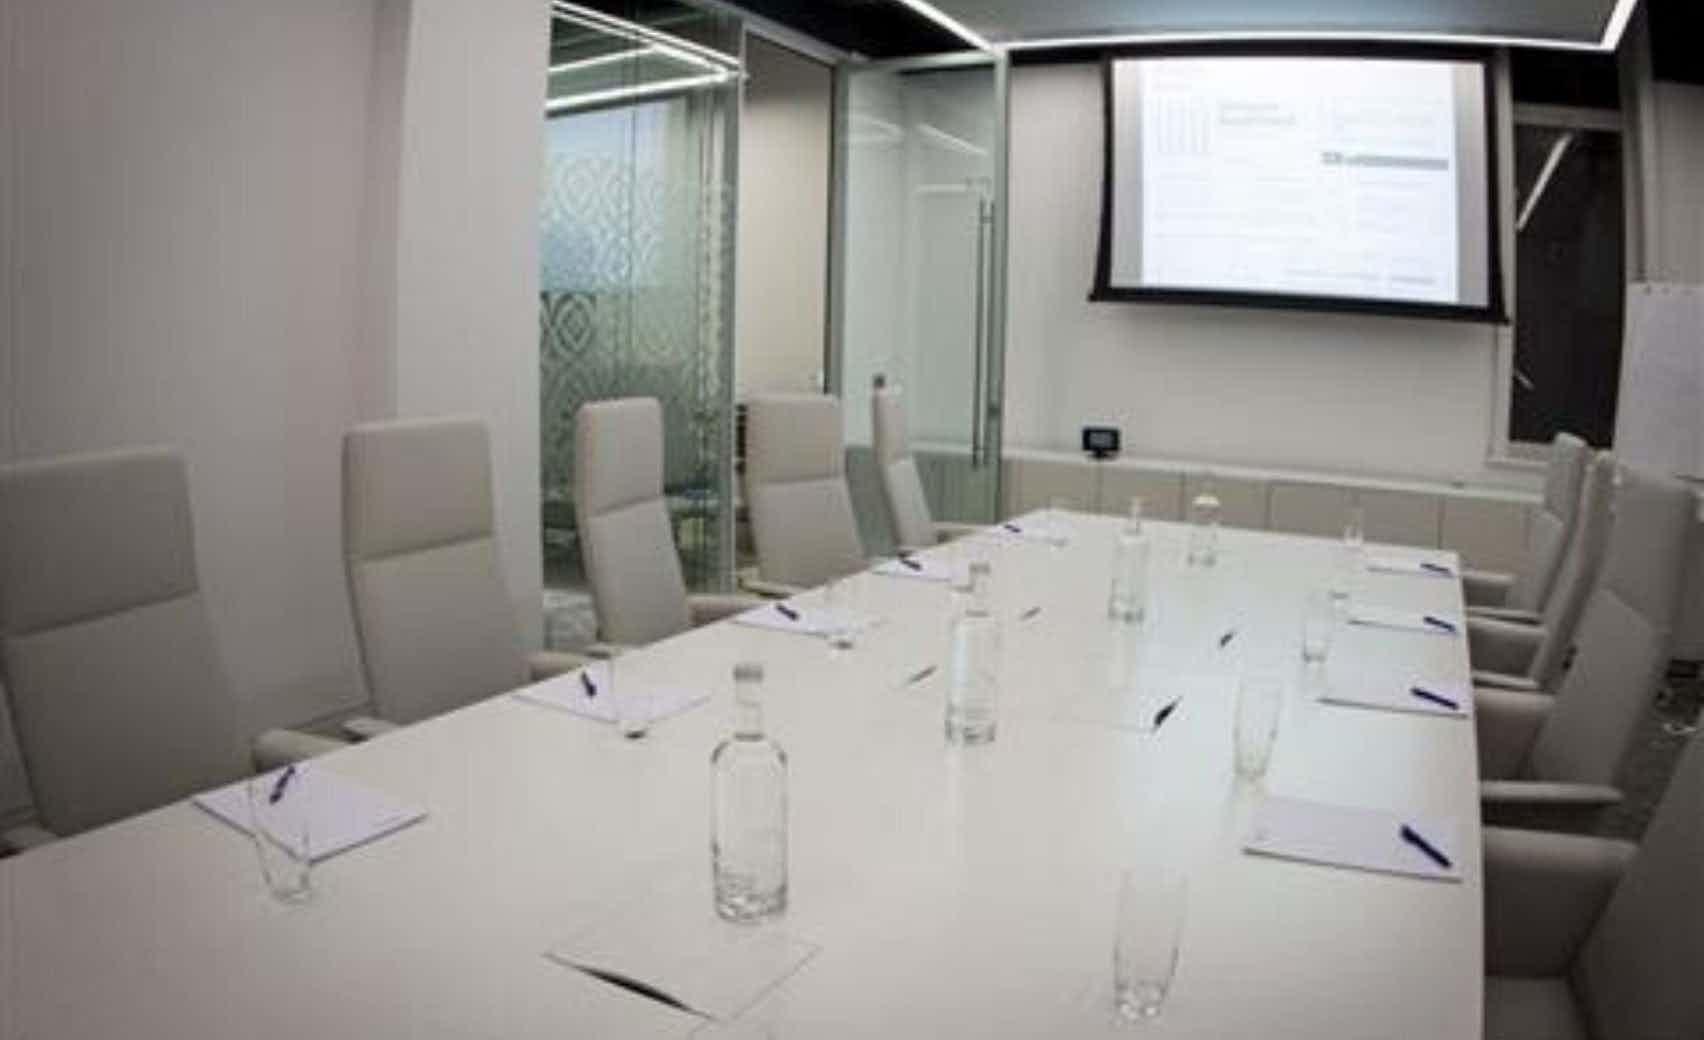 Ground Floor Meeting Room 12, 30 Euston Square